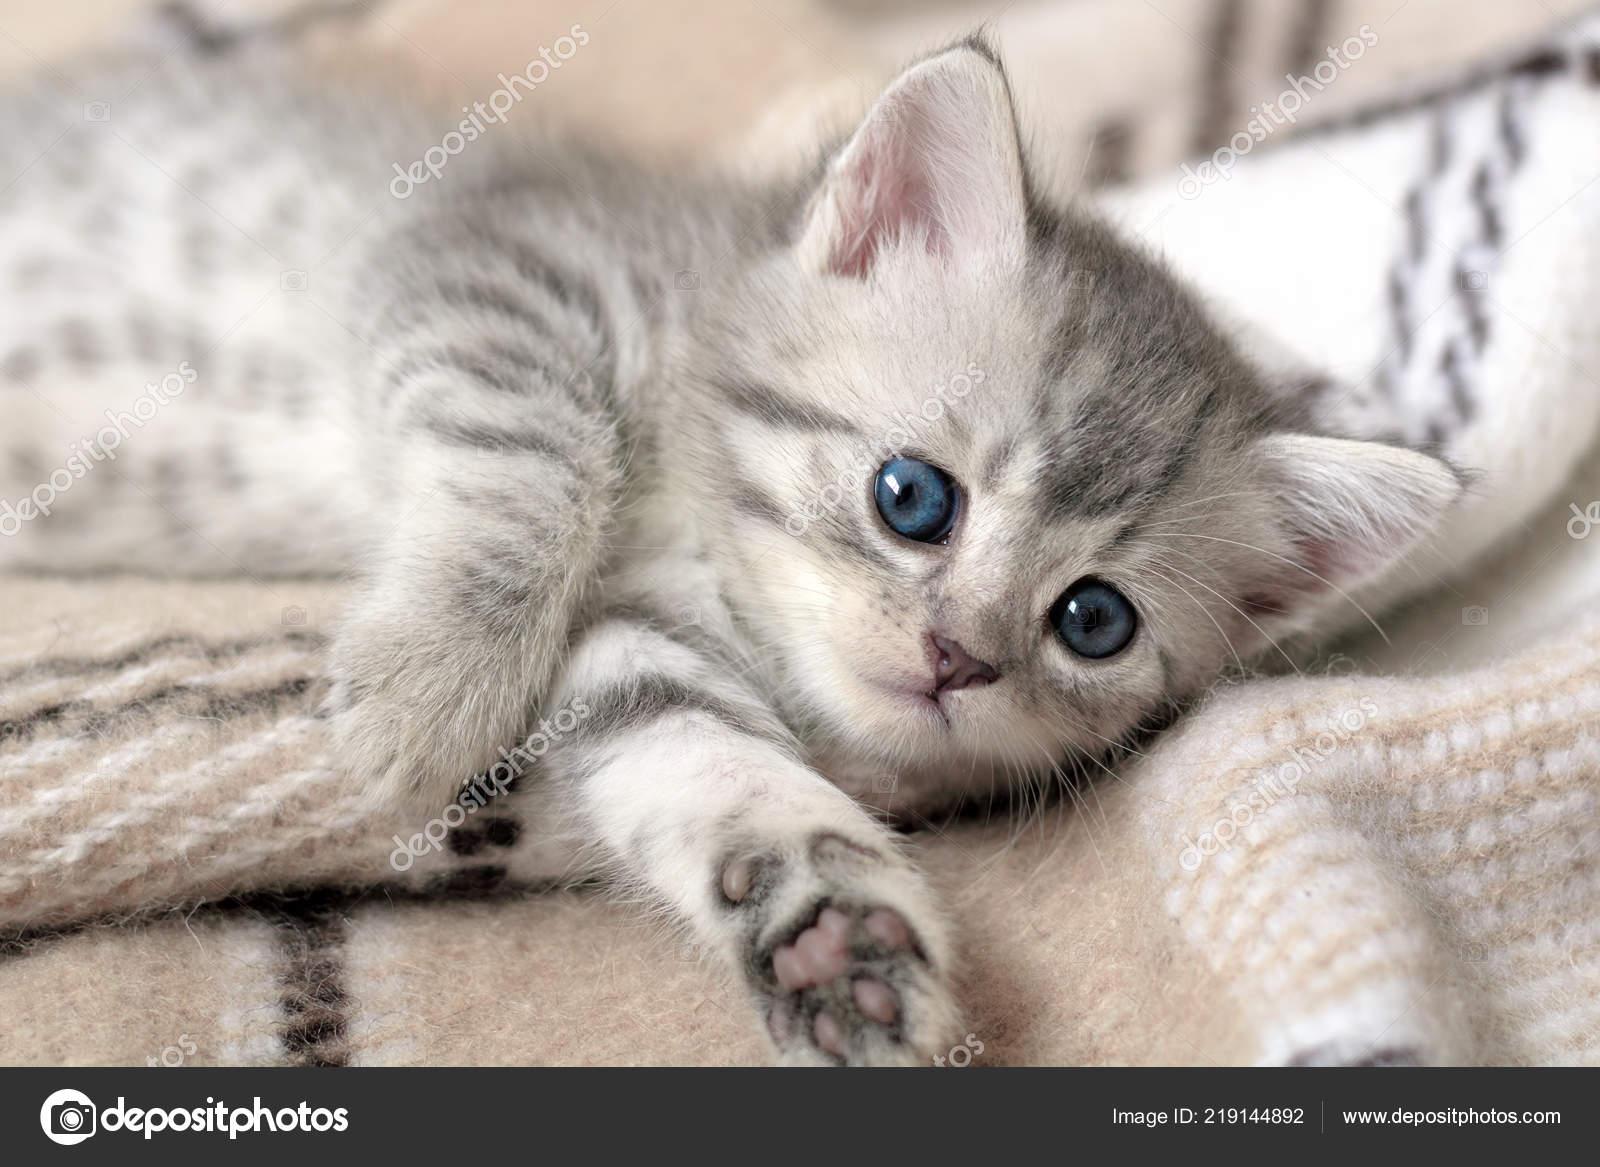 Little Grey Kitten Lying Beige Plaid Little Cute Cat Stock Photo C Innaso4inska 219144892